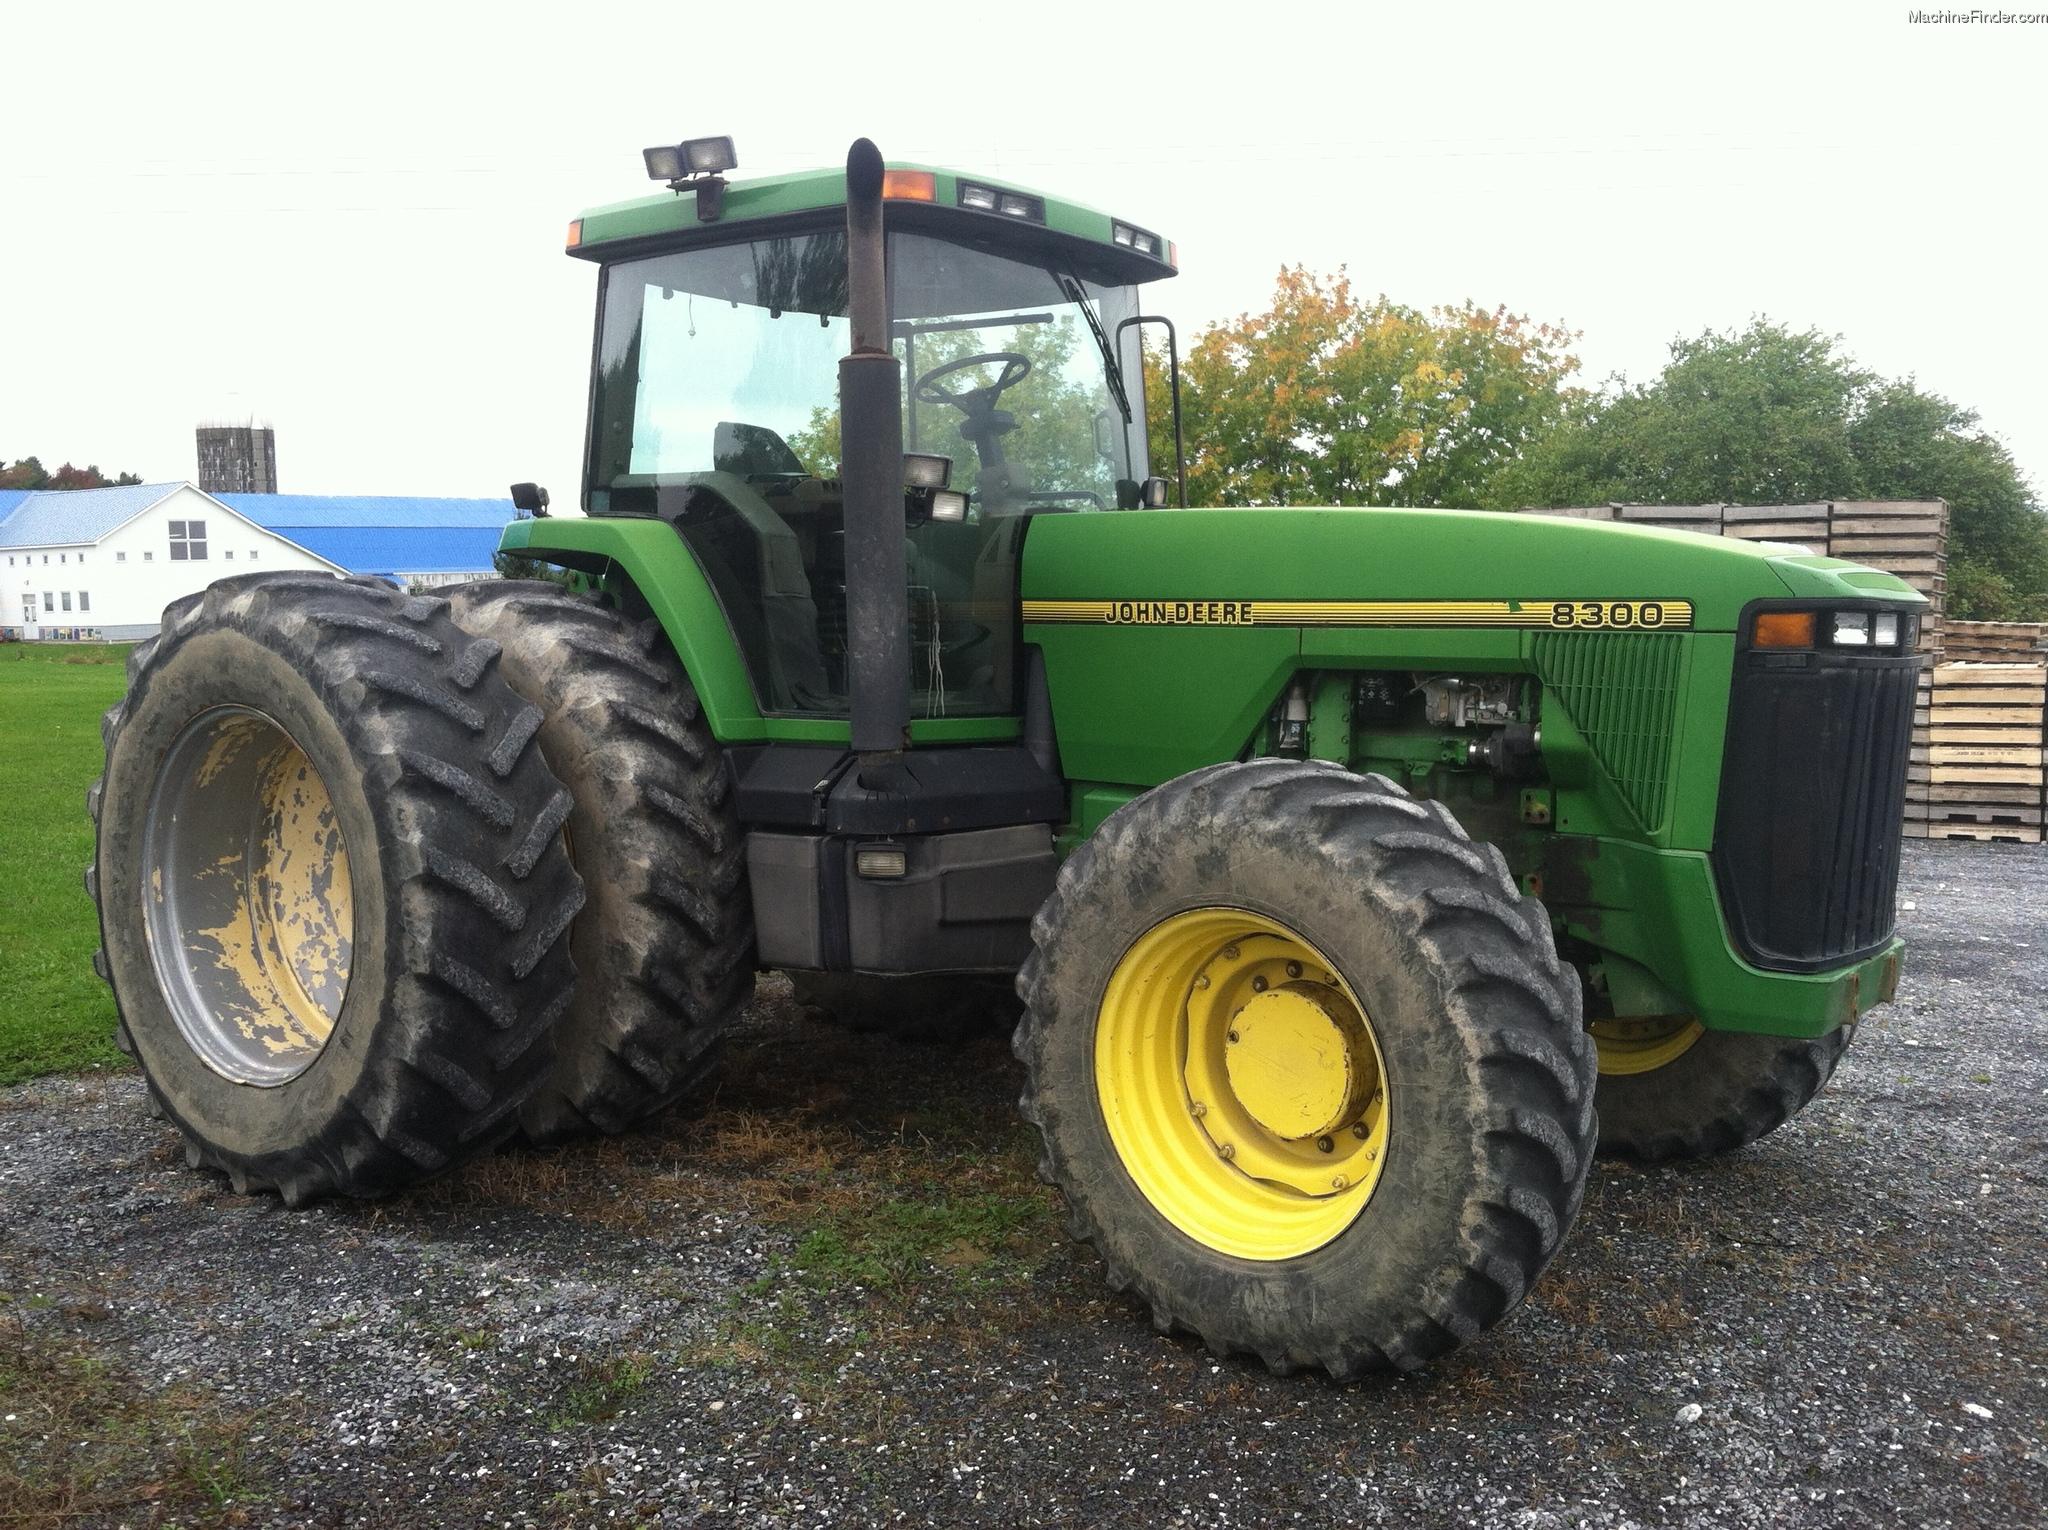 1995 John Deere 8300 Tractors - Row Crop (+100hp) - John ...